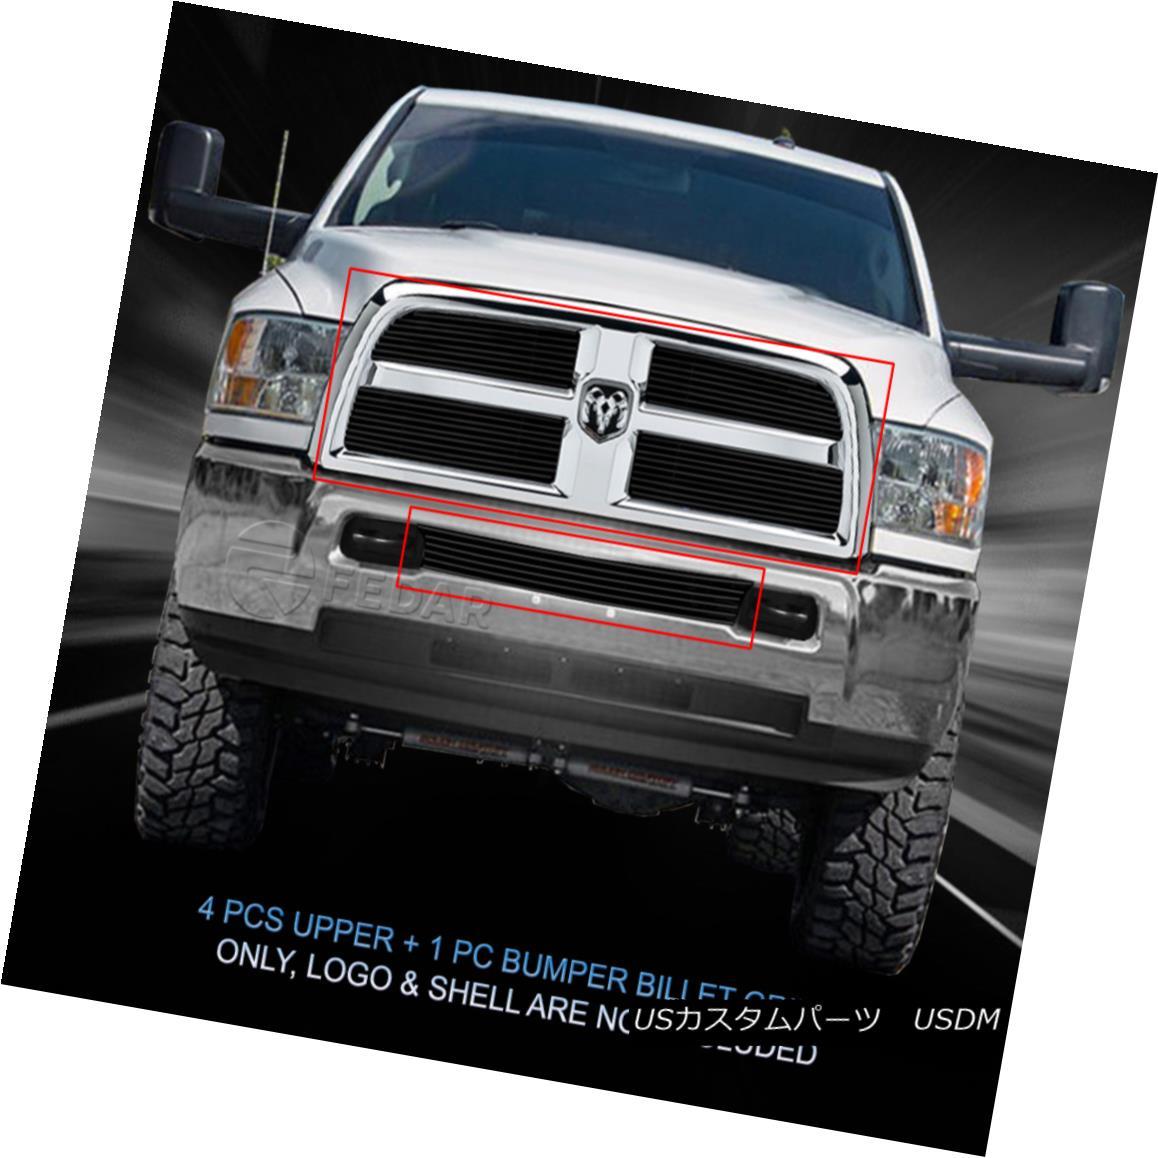 グリル Fedar Fits 2013-2017 Dodge Ram 2500/3500 5pc Black Billet Grille Combo Insert Fedar Fit 2013-2017 Dodge Ram 2500/3500 5pc Black Billet Grilleコンボインサート